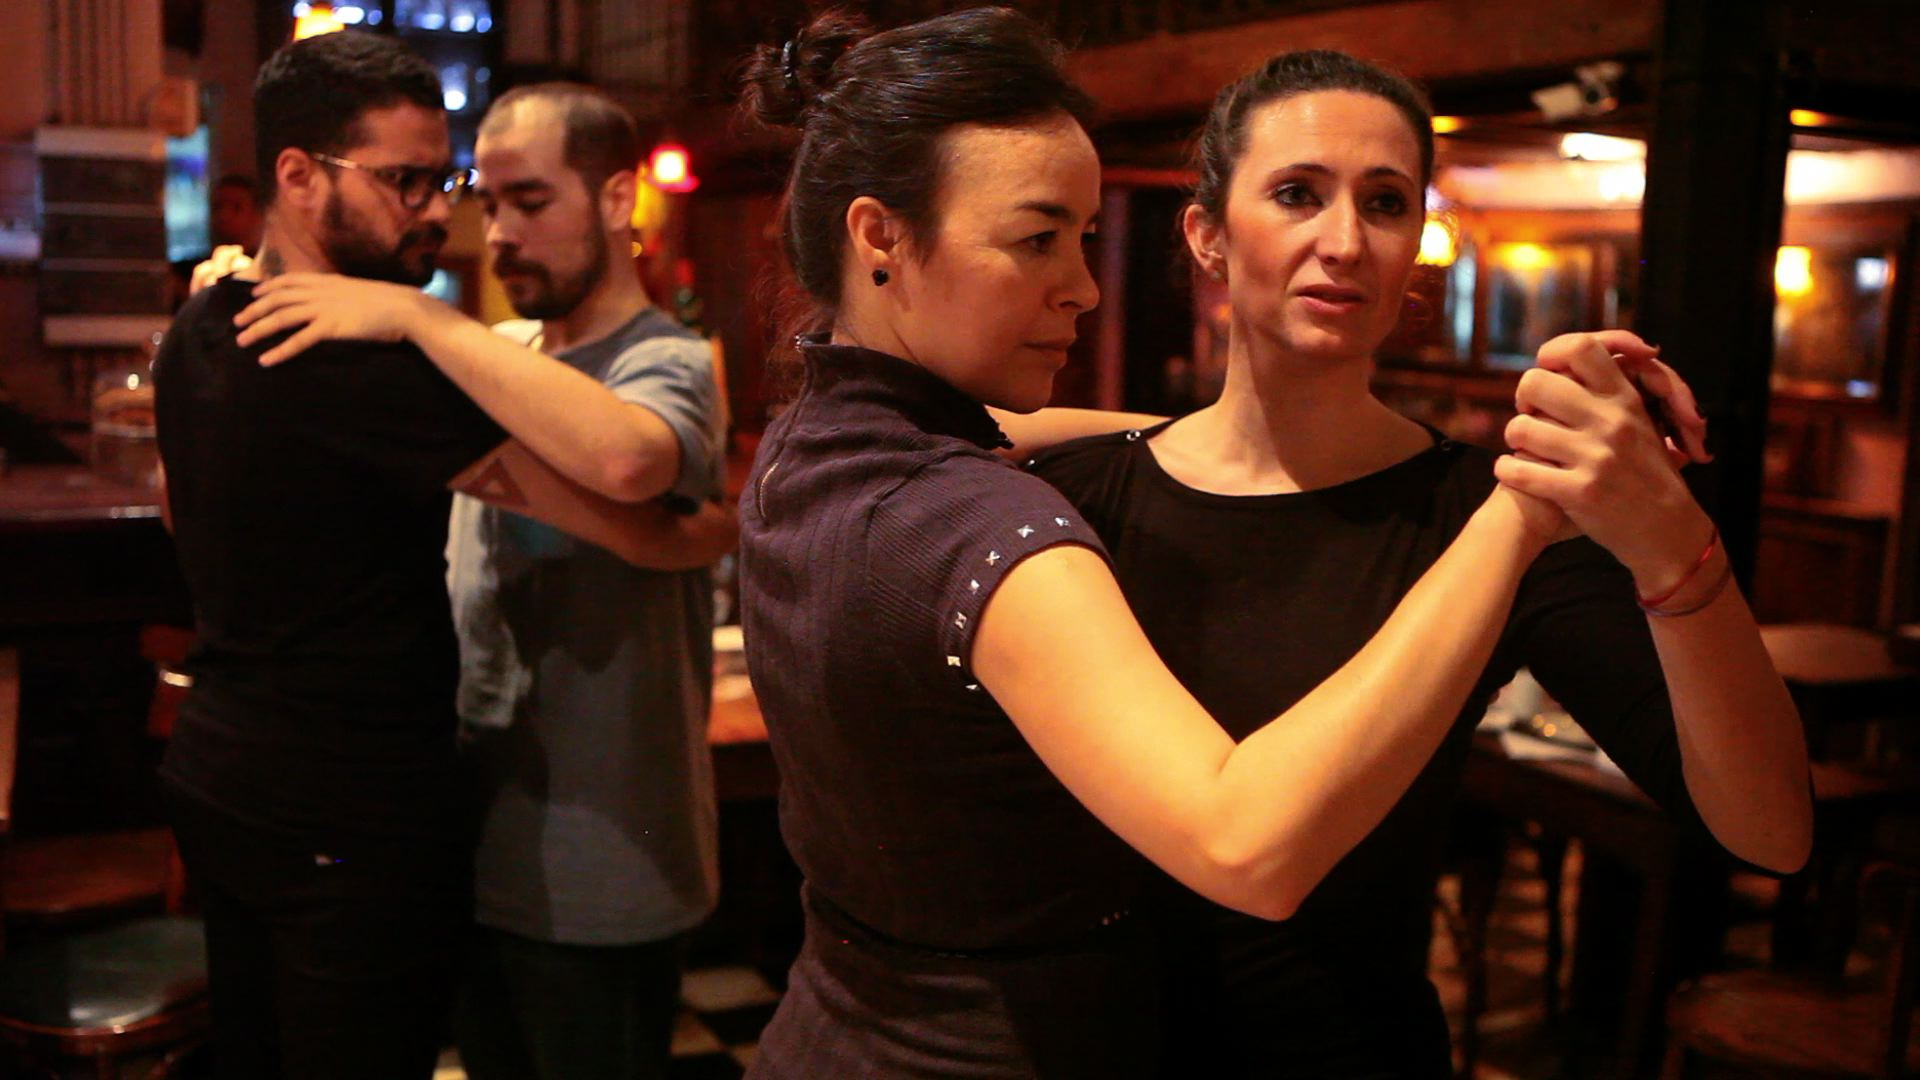 Cuando el sexo de la pareja no importa para bailar tango